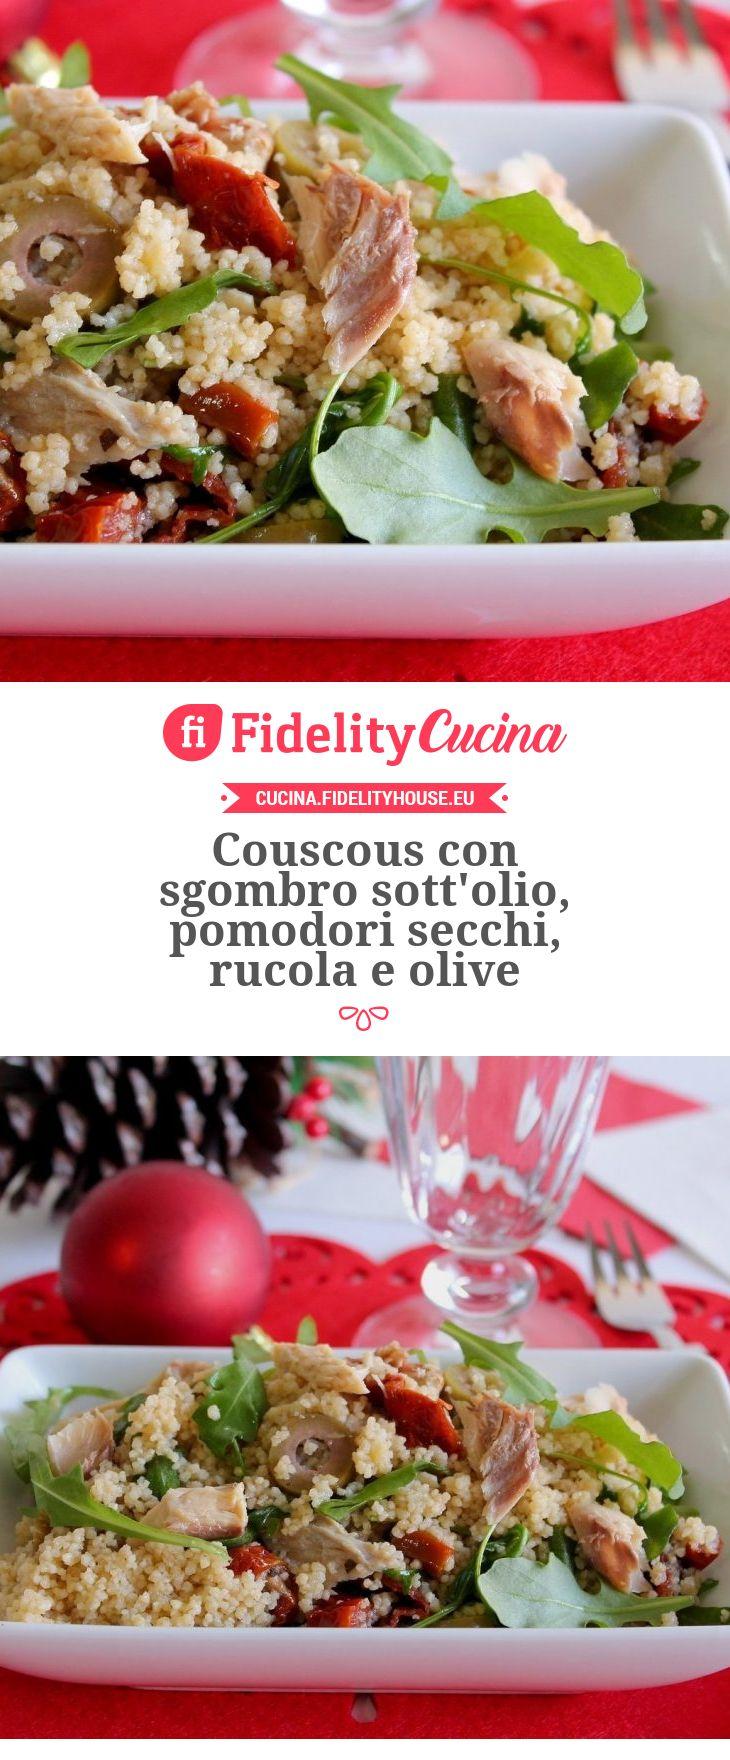 Couscous con sgombro sott'olio, pomodori secchi, rucola e olive